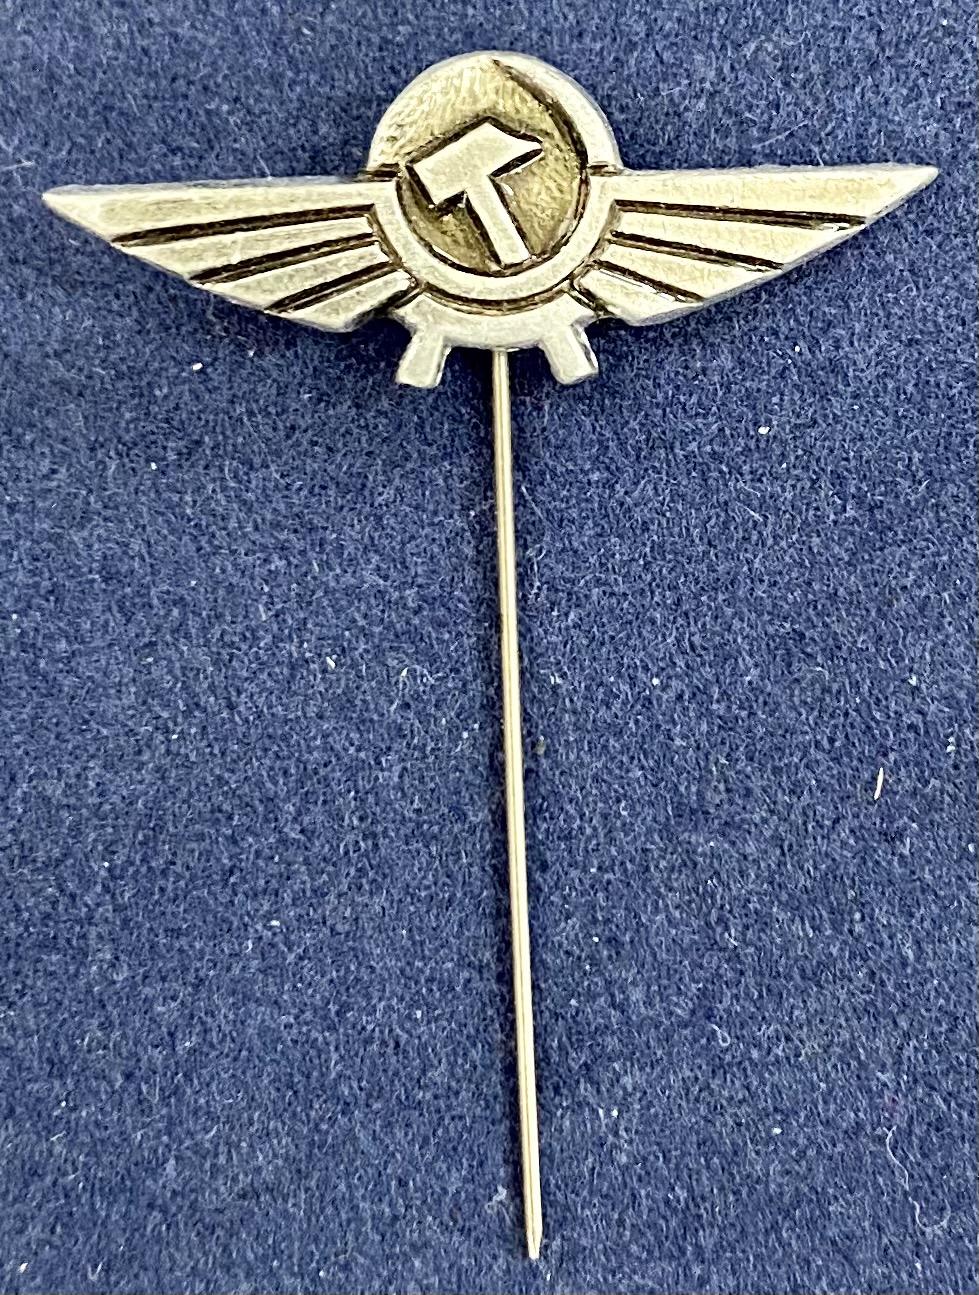 Значок на иголке крылья зарубежного представителя авиакомпании Аэрофлот